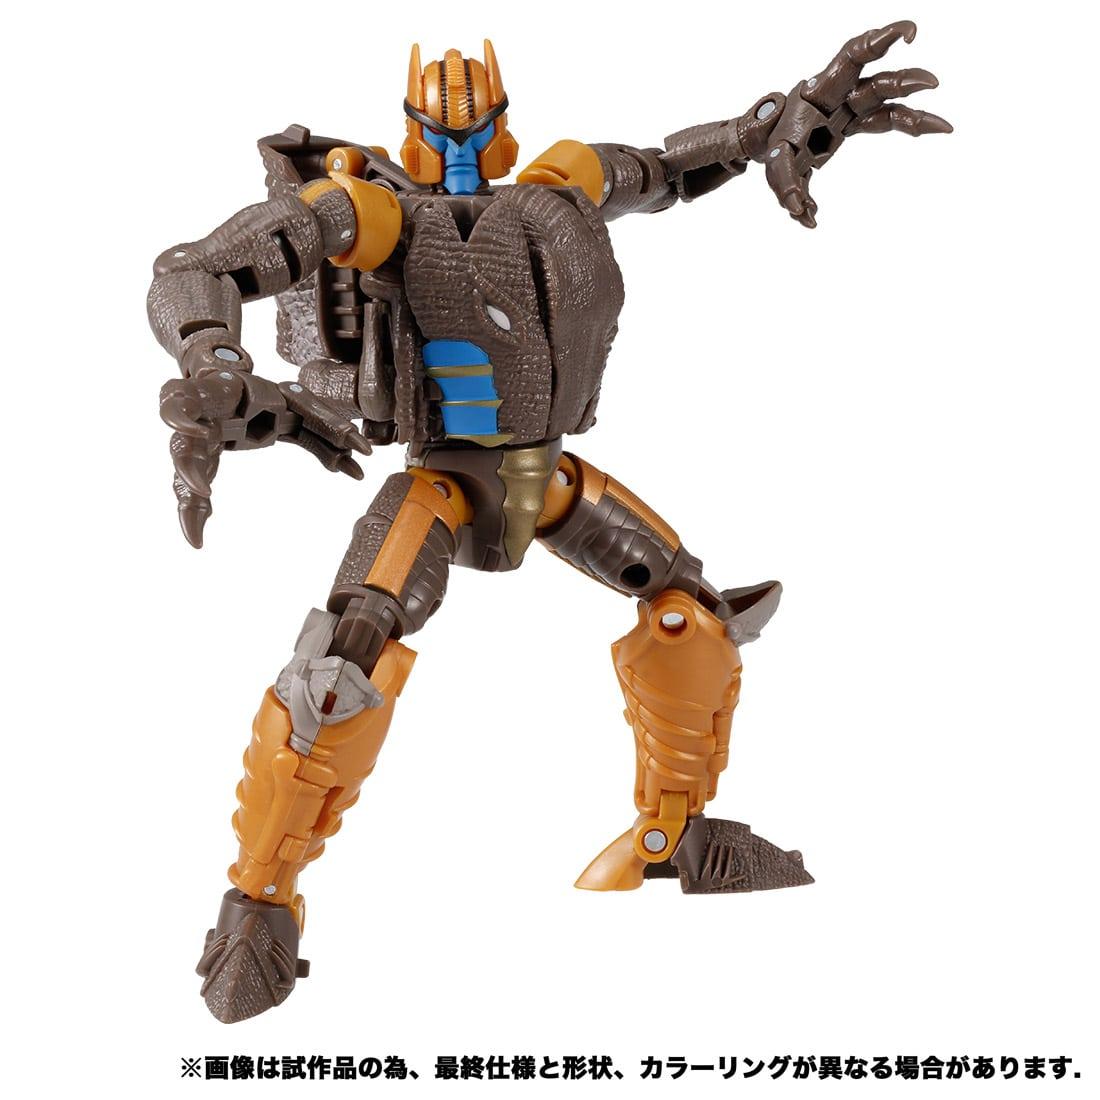 トランスフォーマー キングダム『KD-08 ダイノボット』可変可動フィギュア-005